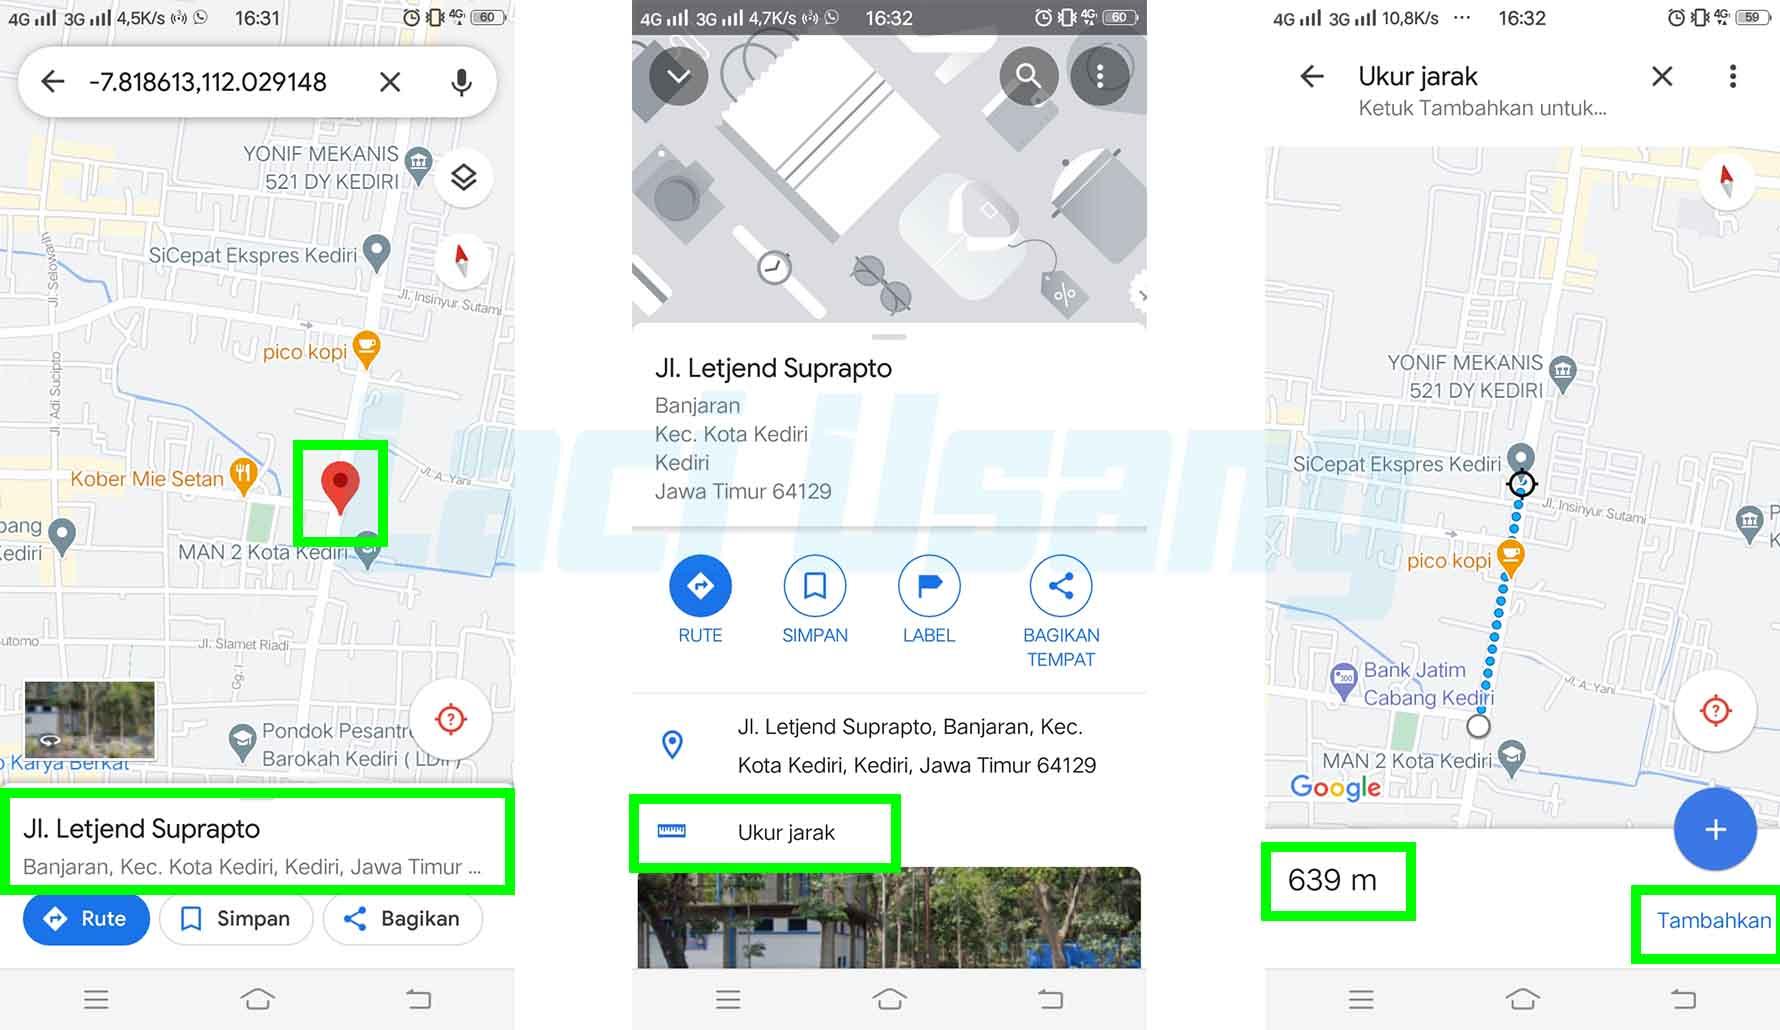 Cara Mengukur Jarak di Google Maps